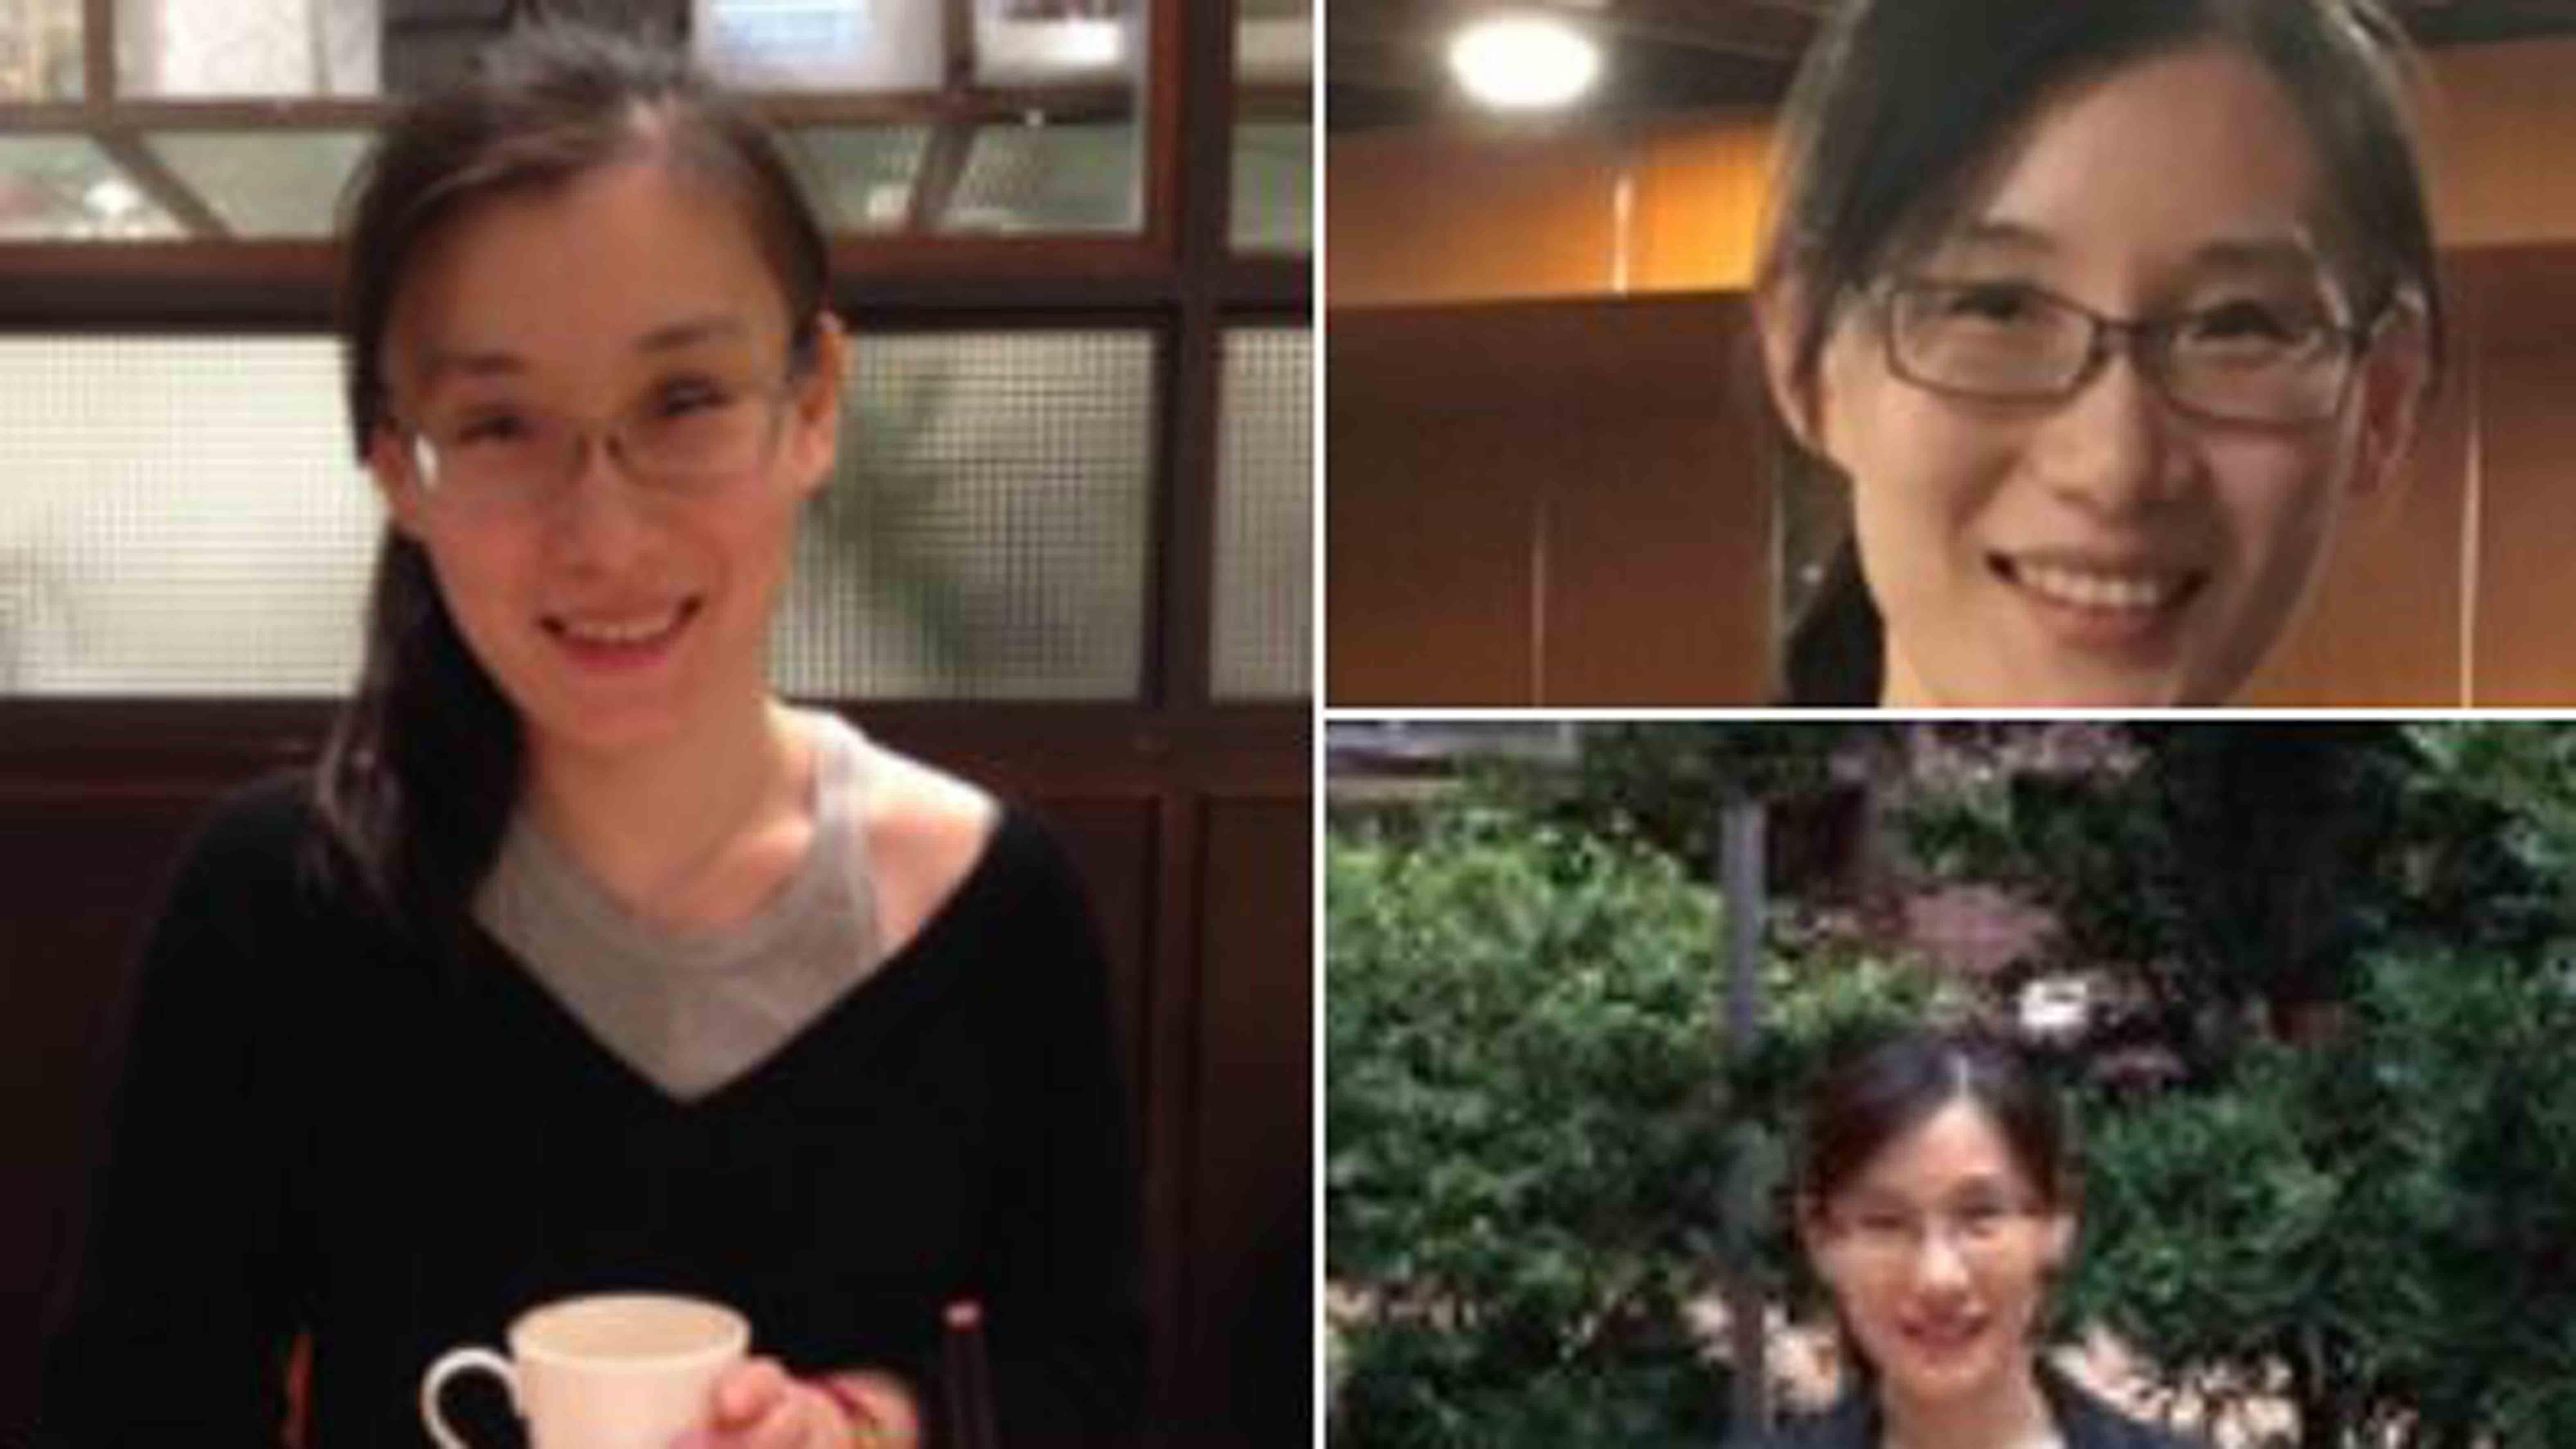 香港大学的一名病毒学女医生阎丽梦(Li-Meng Yan)目前已出逃美国。(网络截图)